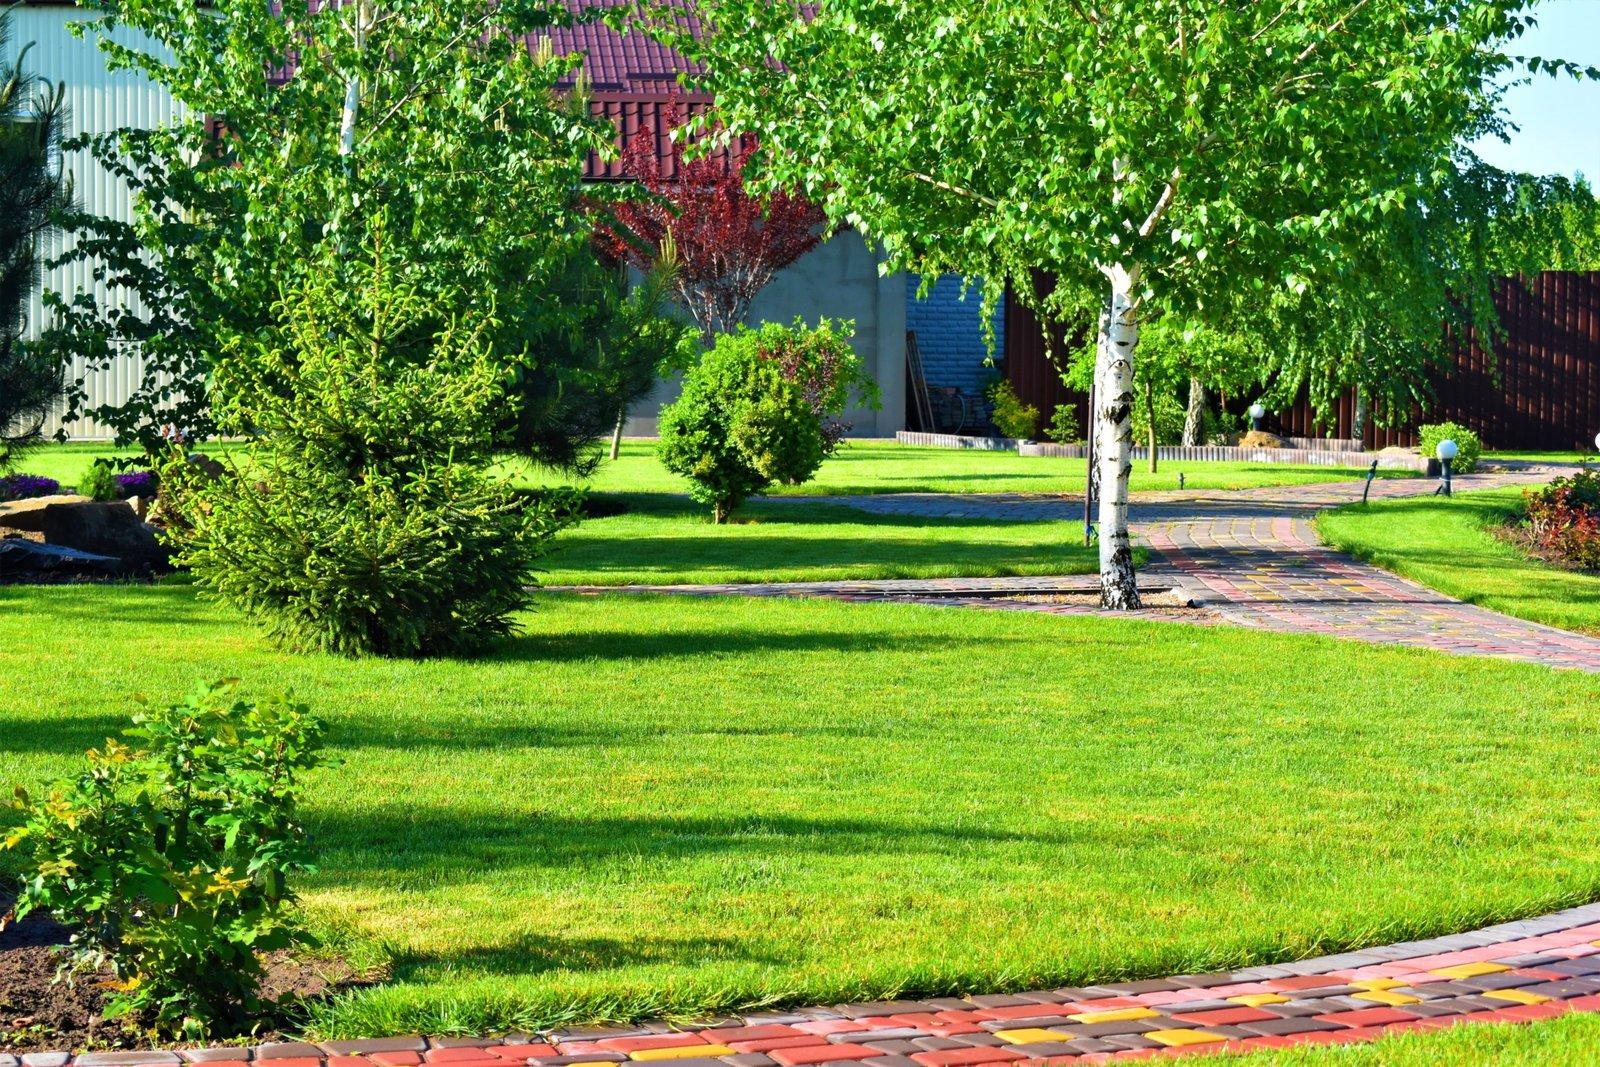 Планировка и озеленение участка в Киеве, озеленение участка домом в Киеве, озеленение в Киеве